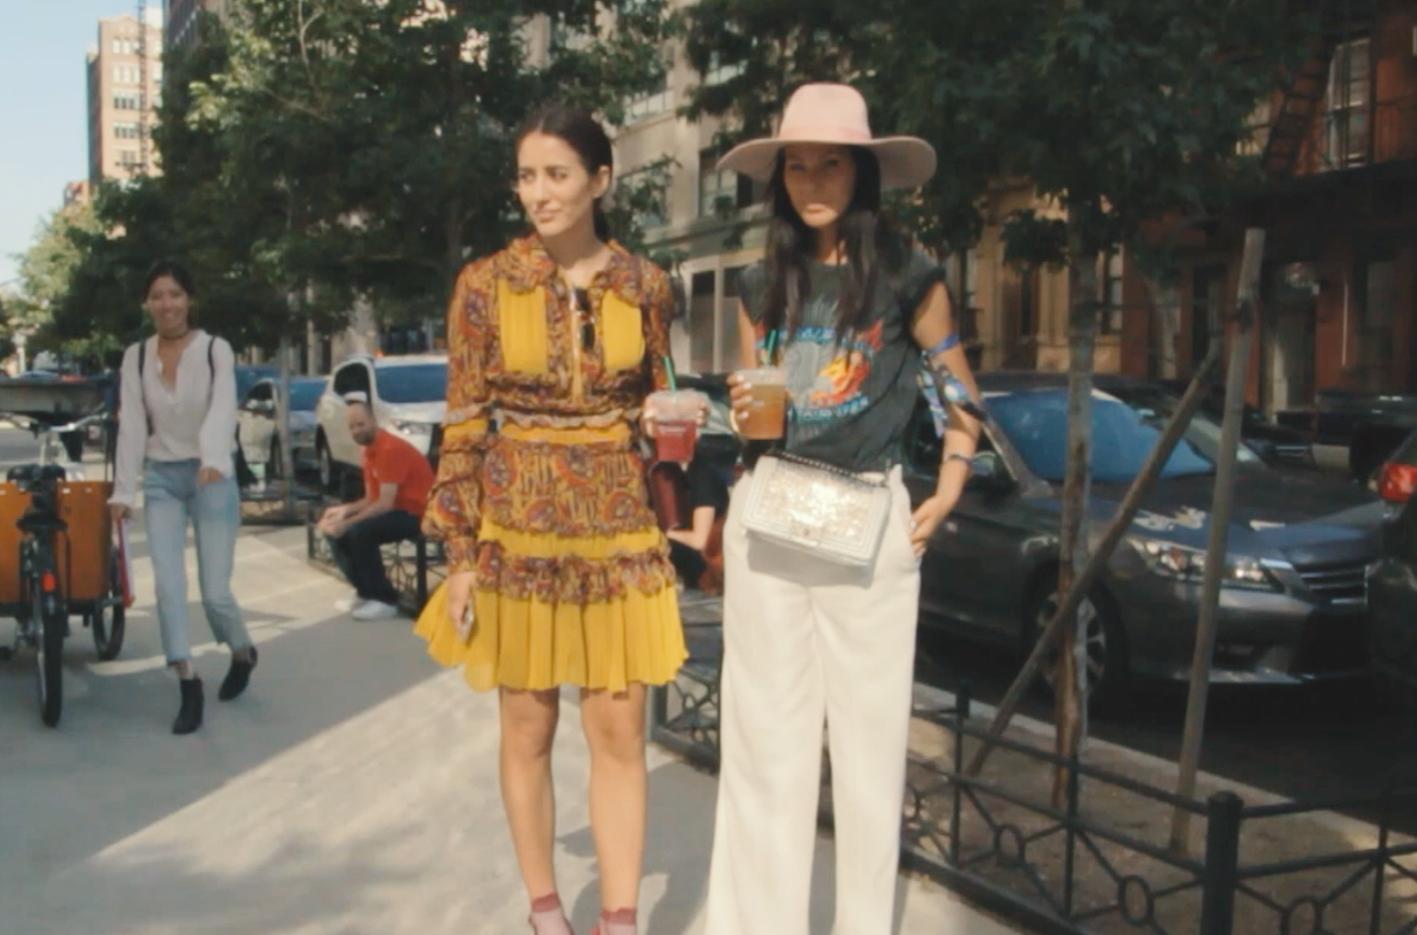 【New York Fashion Week】バラエティー豊かなニューヨーカーたちのTシャツコーディネート特集